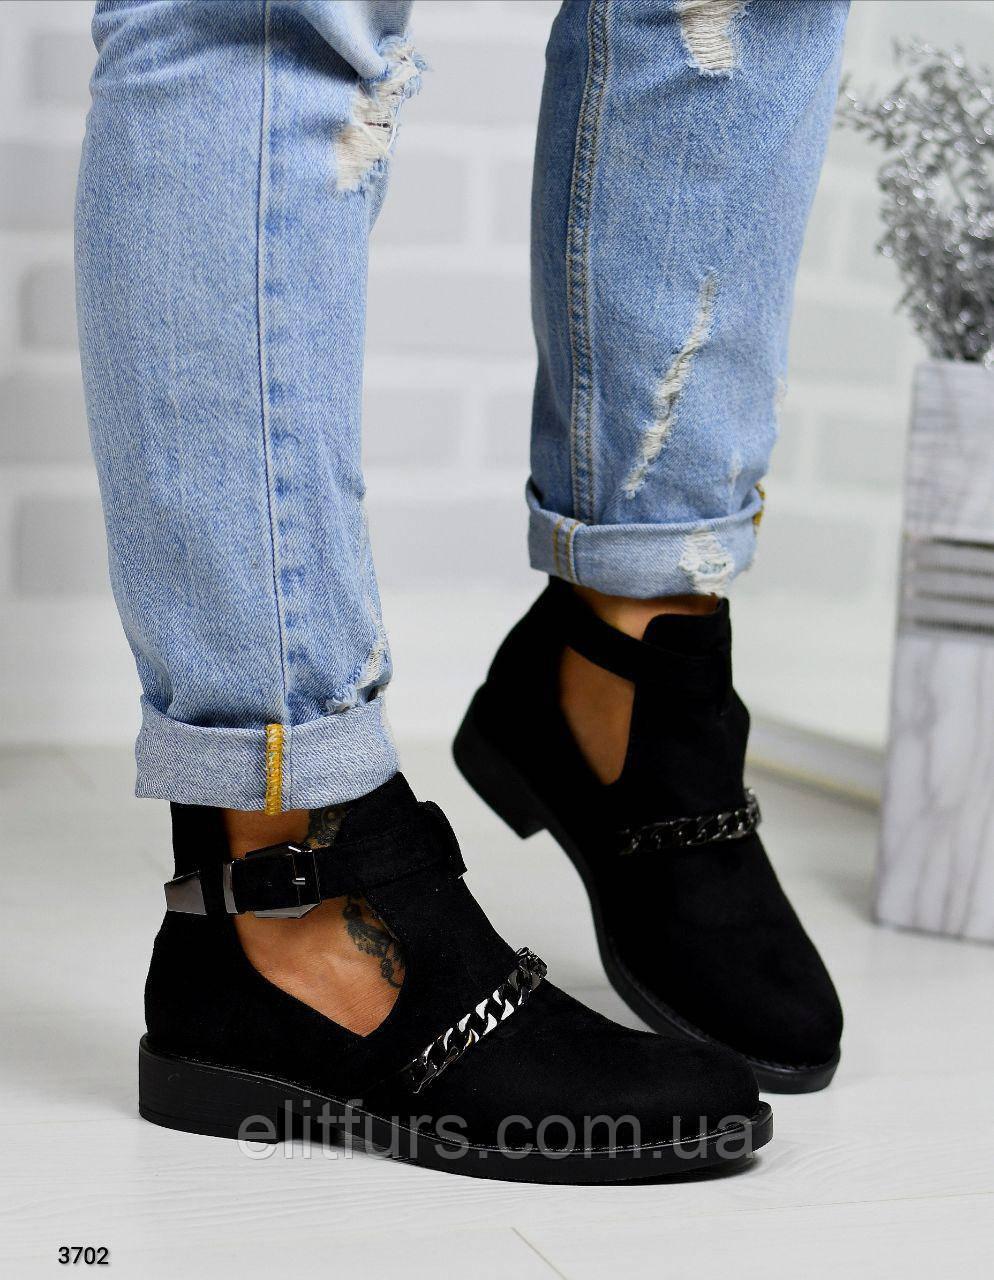 Ботинки осенние полуотрытые, эко-замш